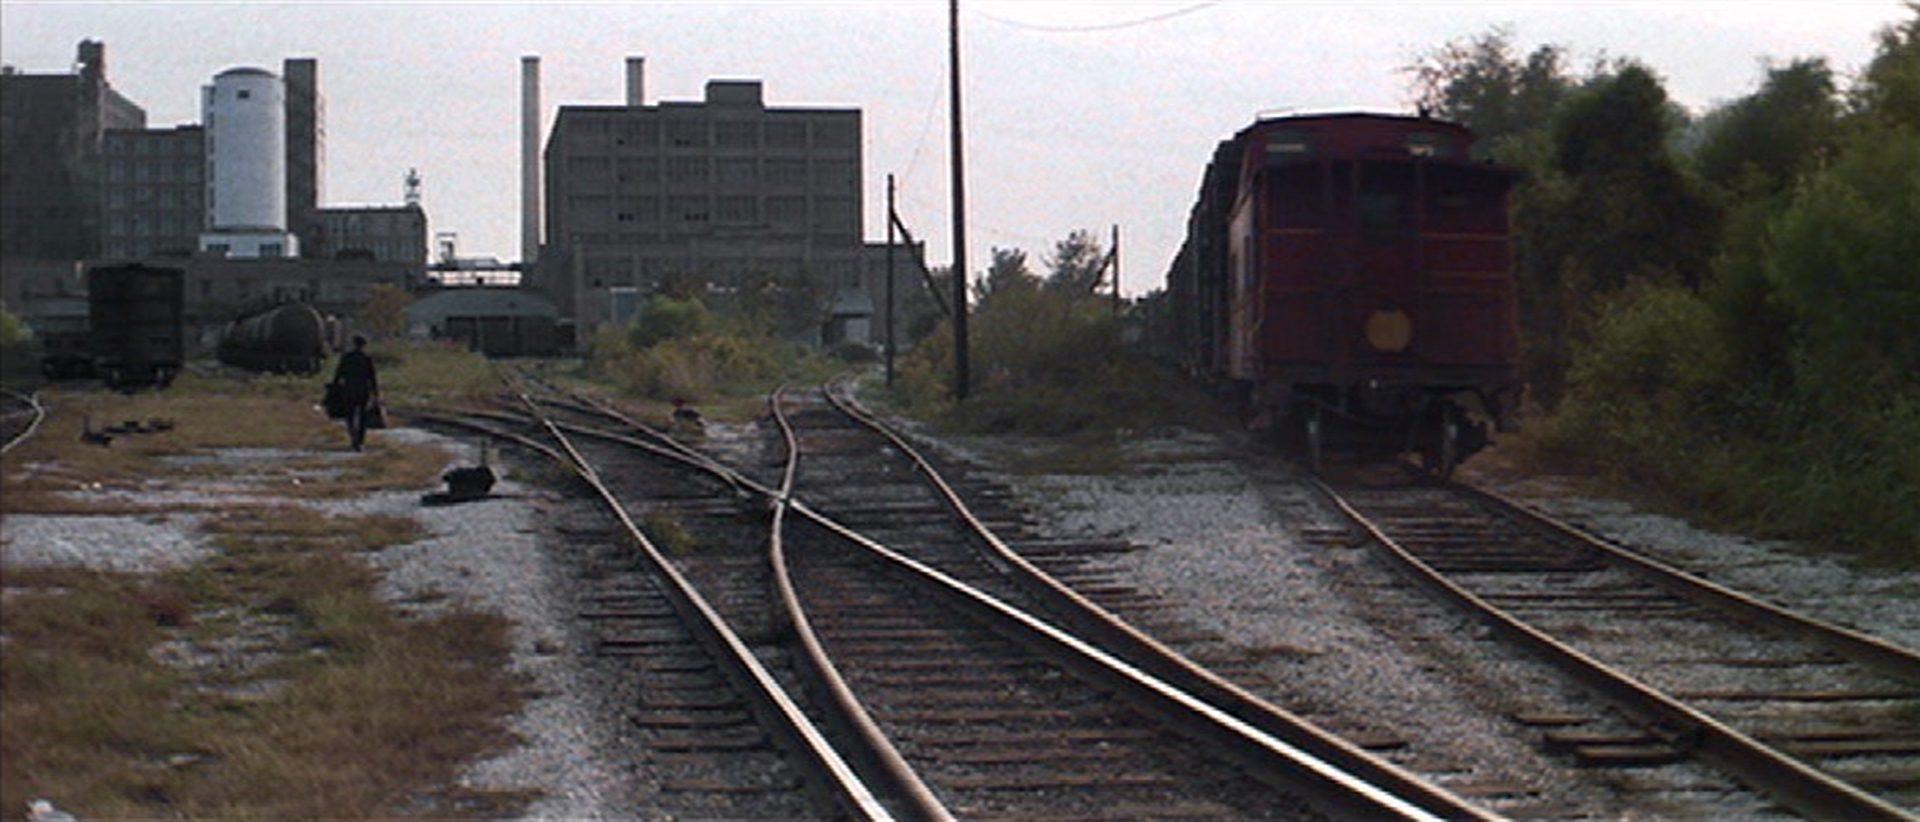 Eisenbahngleise mit industriellem Hintergrund, links im Bild geht ein Drifter.